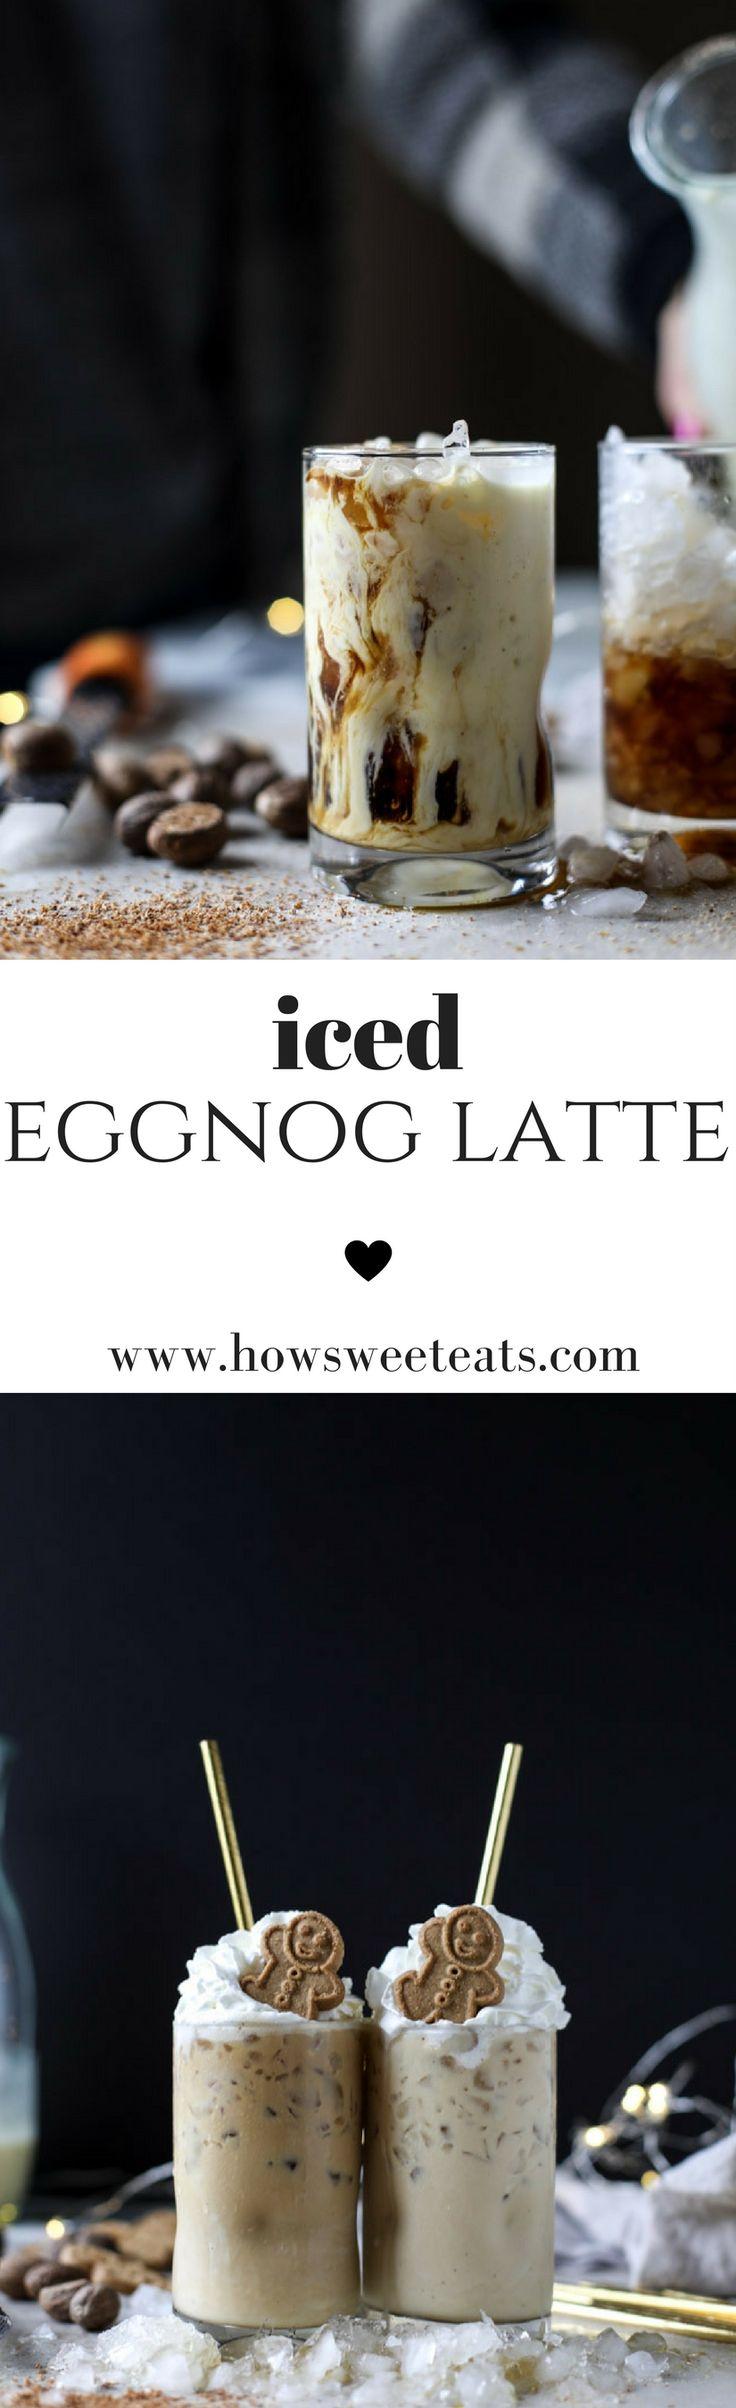 how to make an iced eggnog latte! I howsweeteats.com @howsweeteats